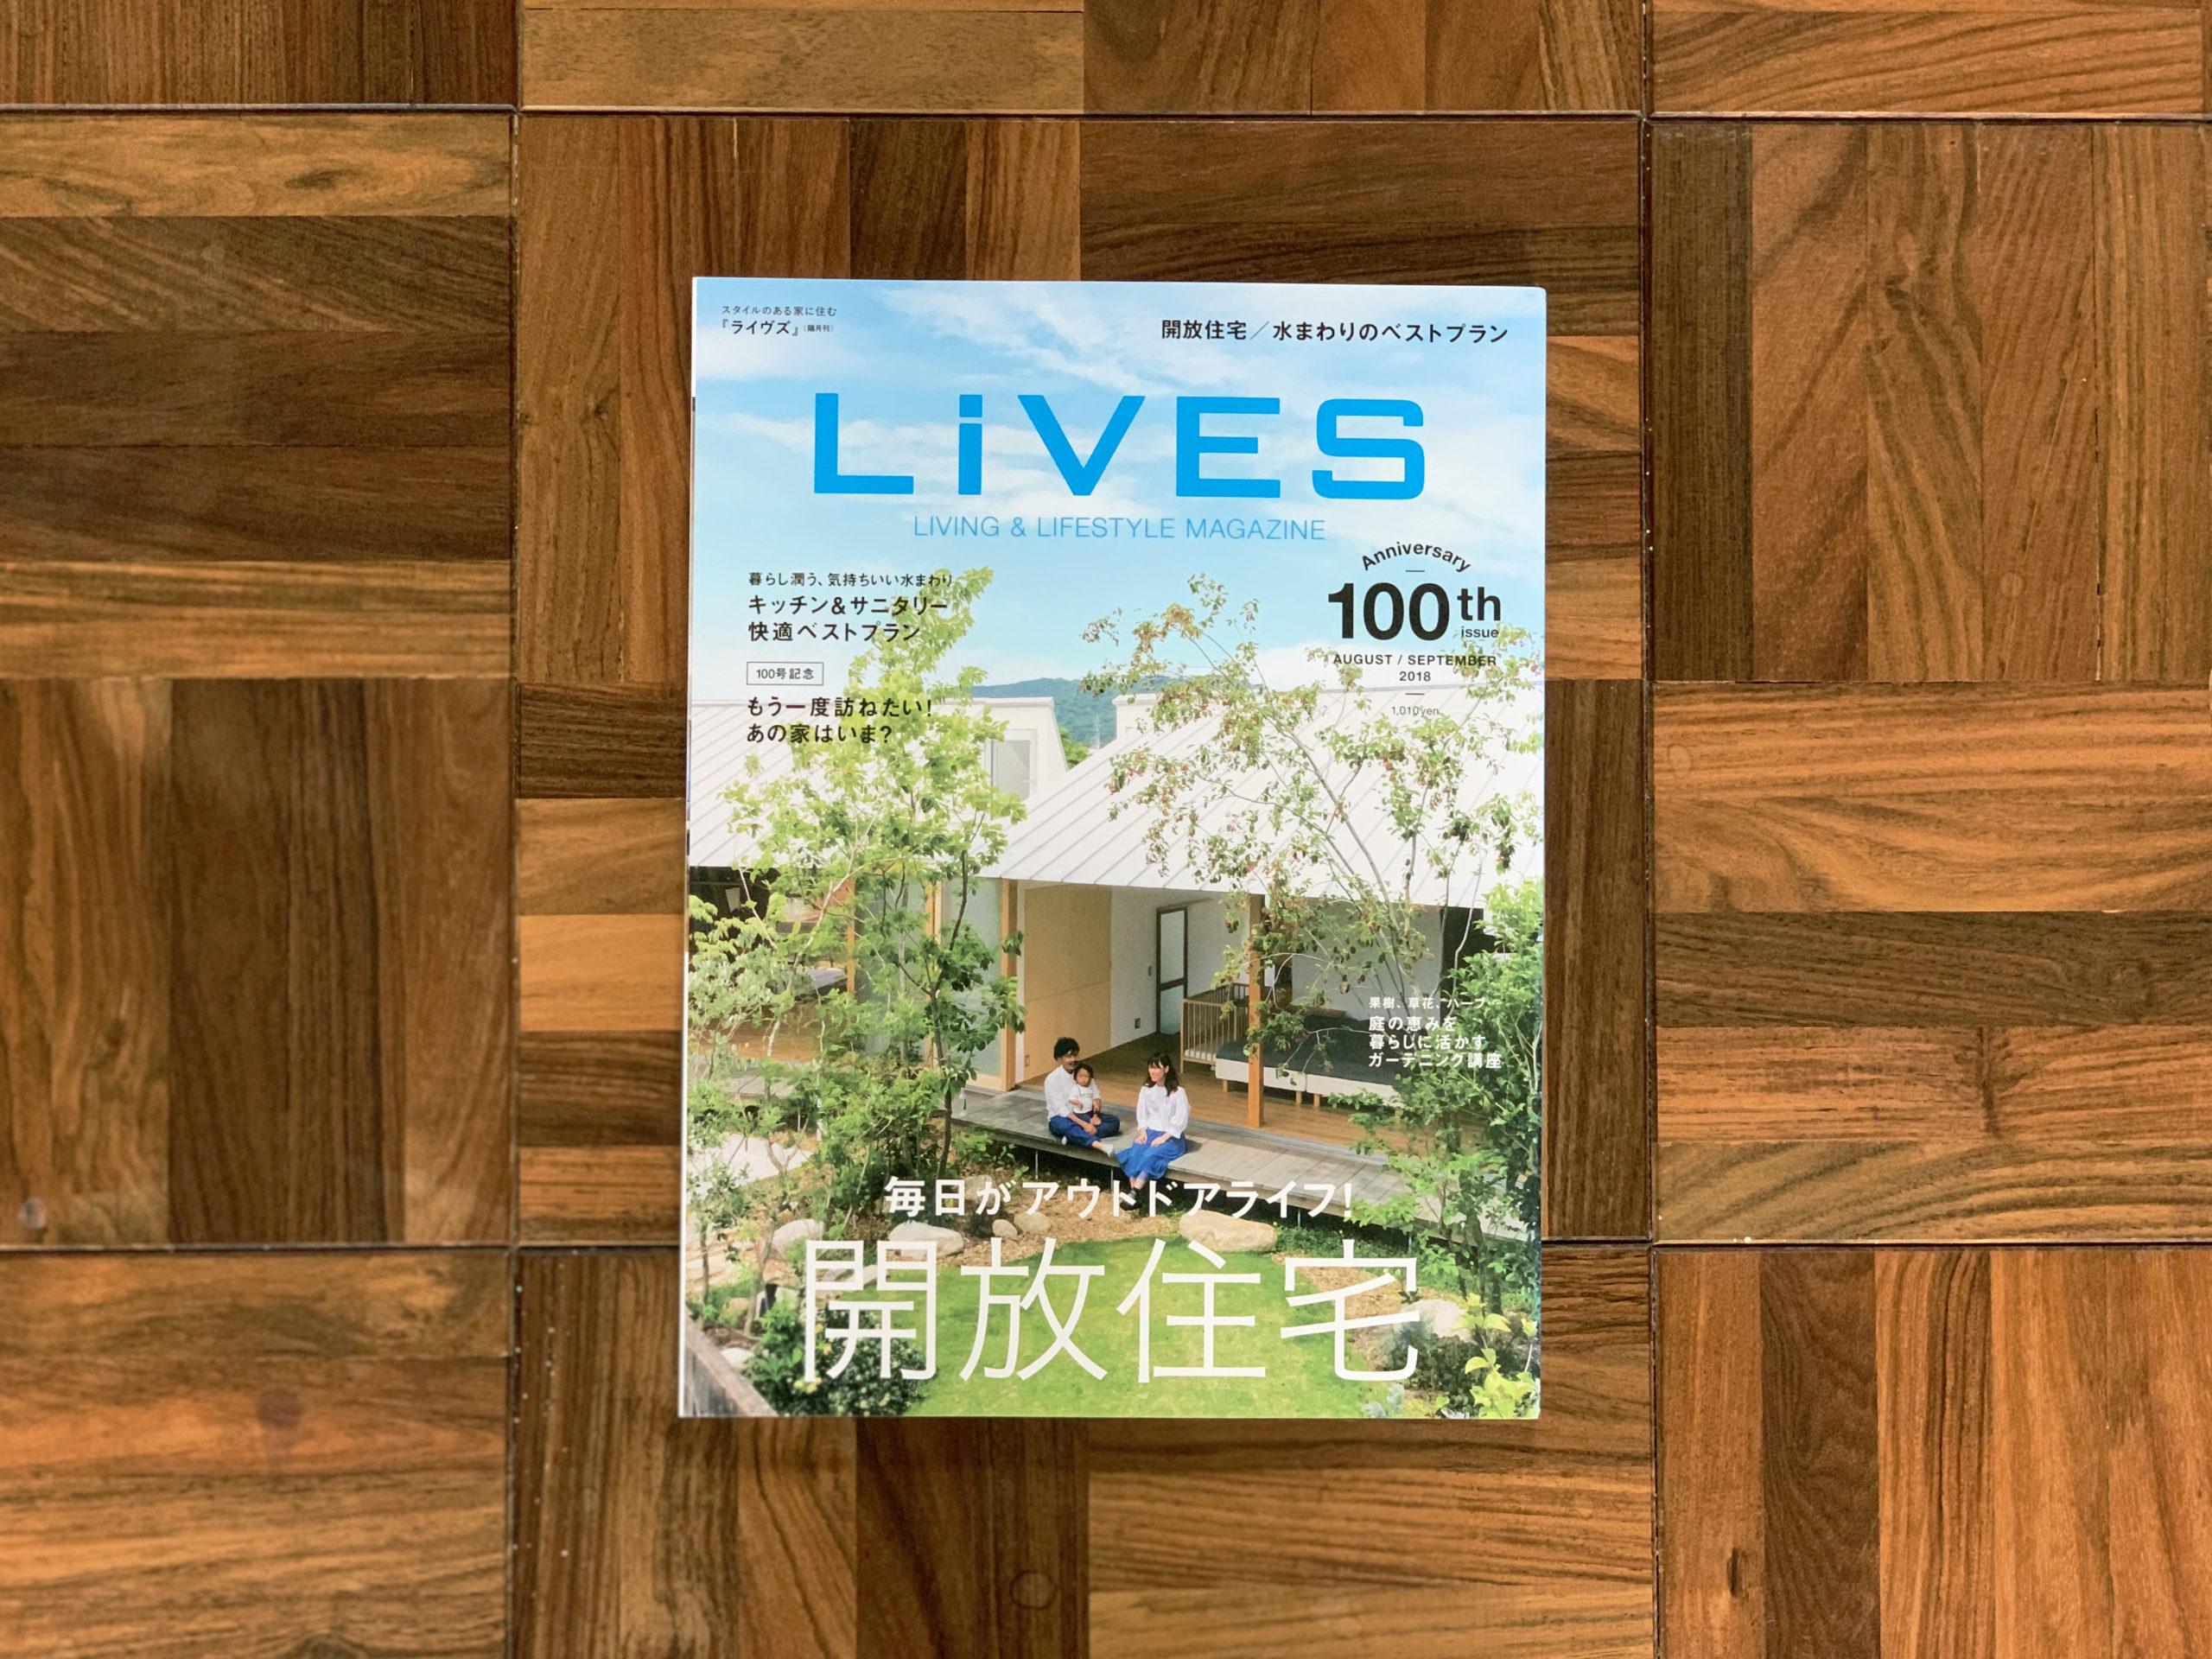 Lives vol.100